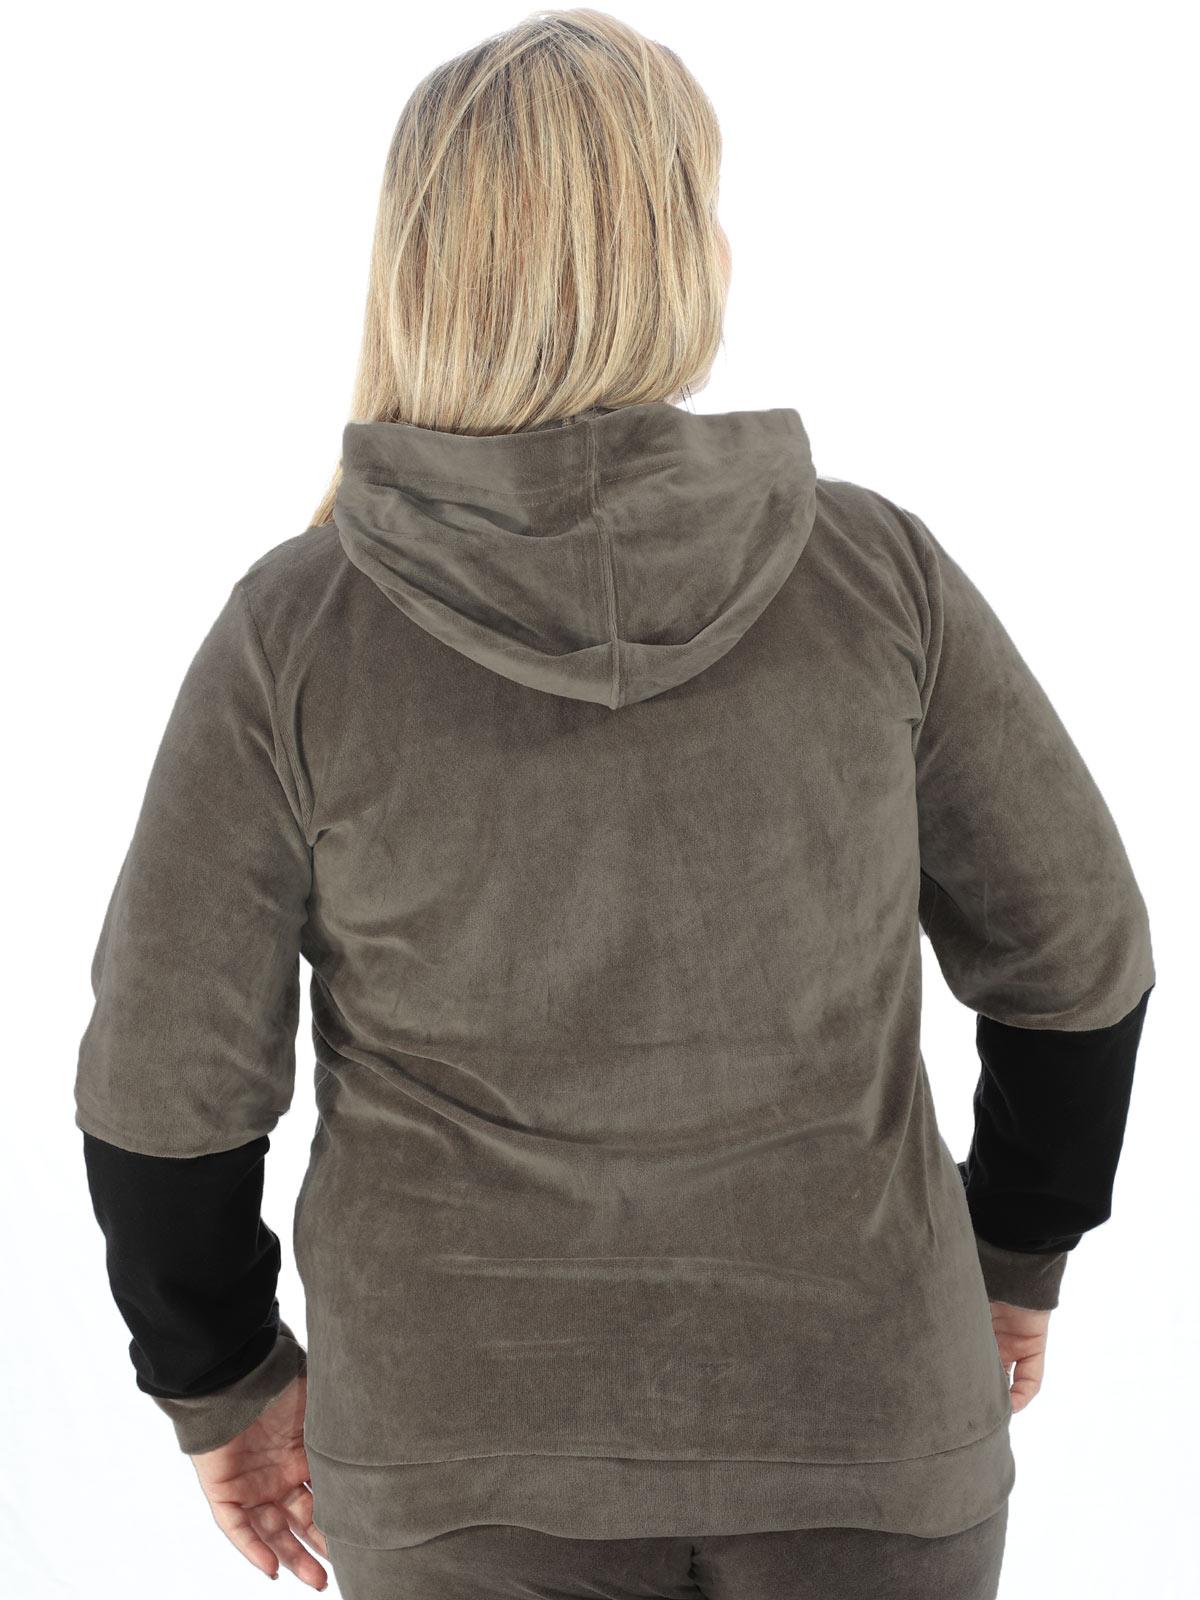 Blusa Plus Size Feminina Com Capuz De Plush Anistia Caqui